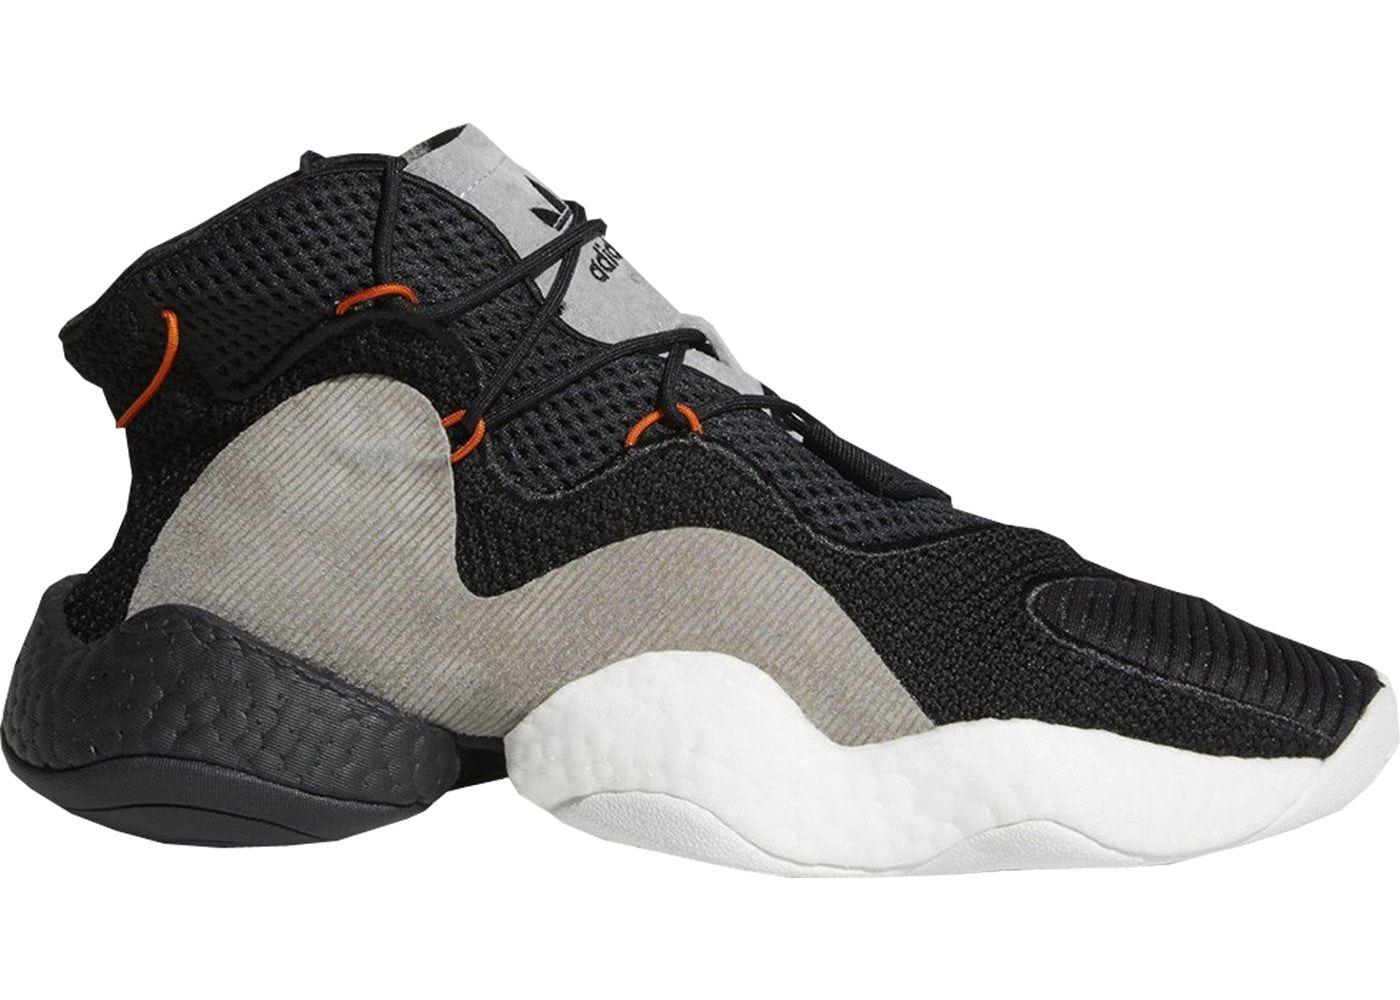 c2a5ff34 adidas Crazy BYW LVL 1 Black Carbon | Hypebeast Christmas | Adidas ...